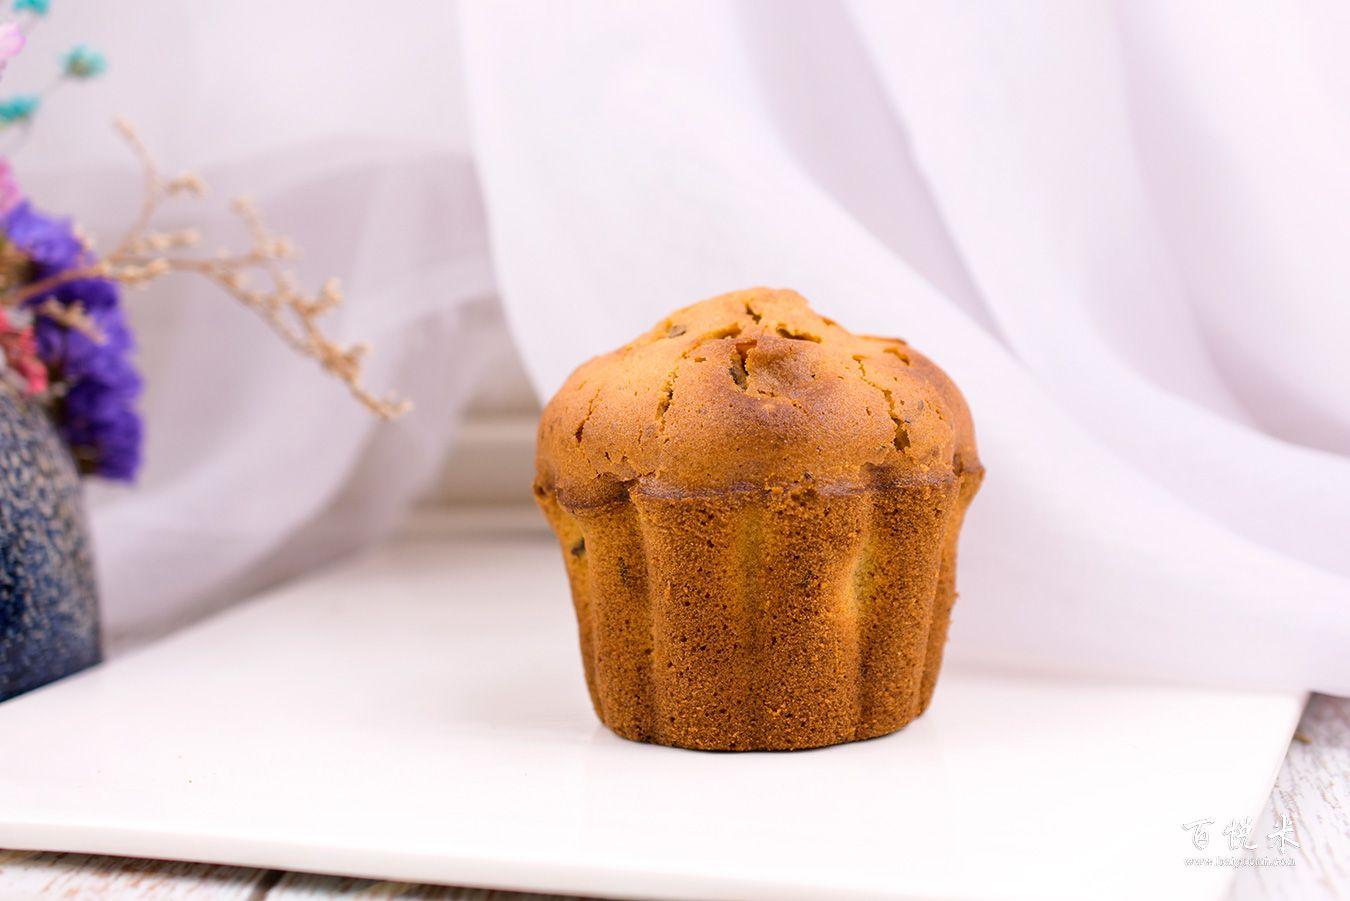 红枣蛋糕高清图片大全【蛋糕图片】_755